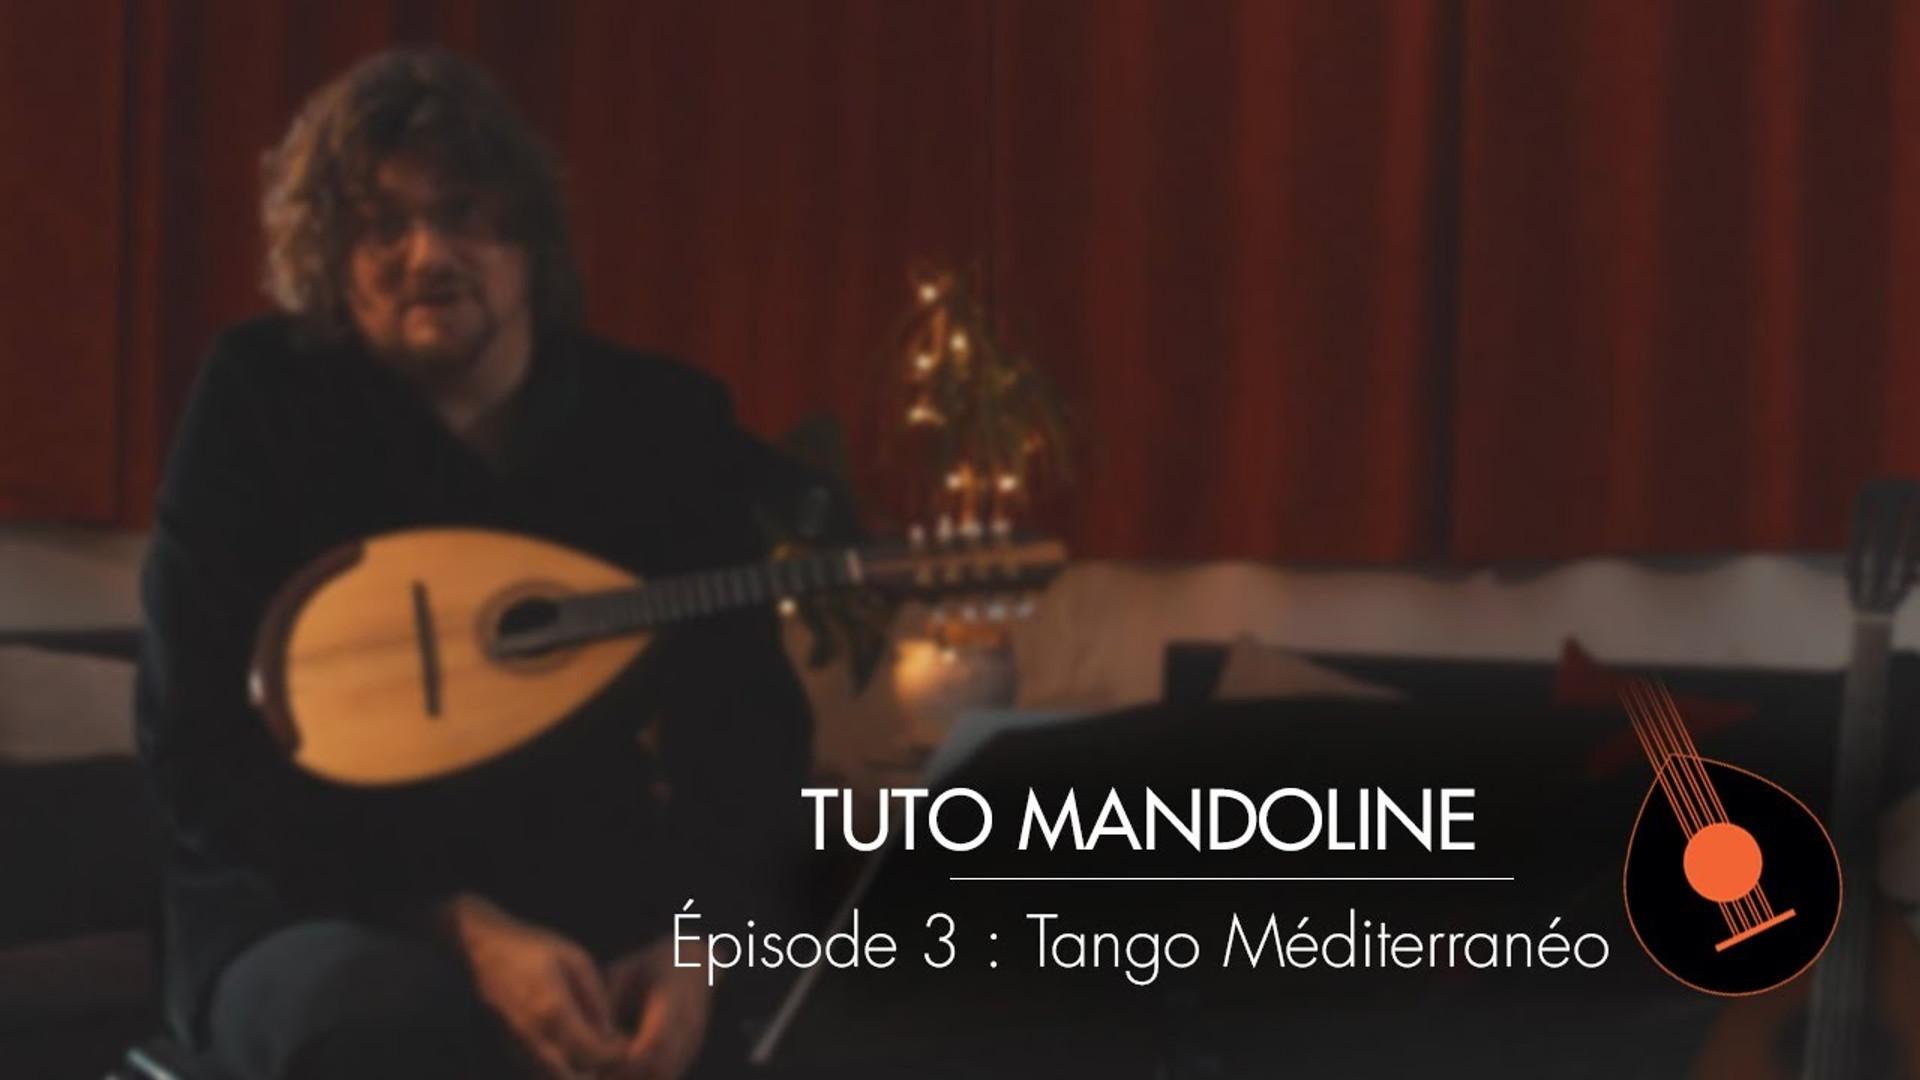 Tuto mandoline #3